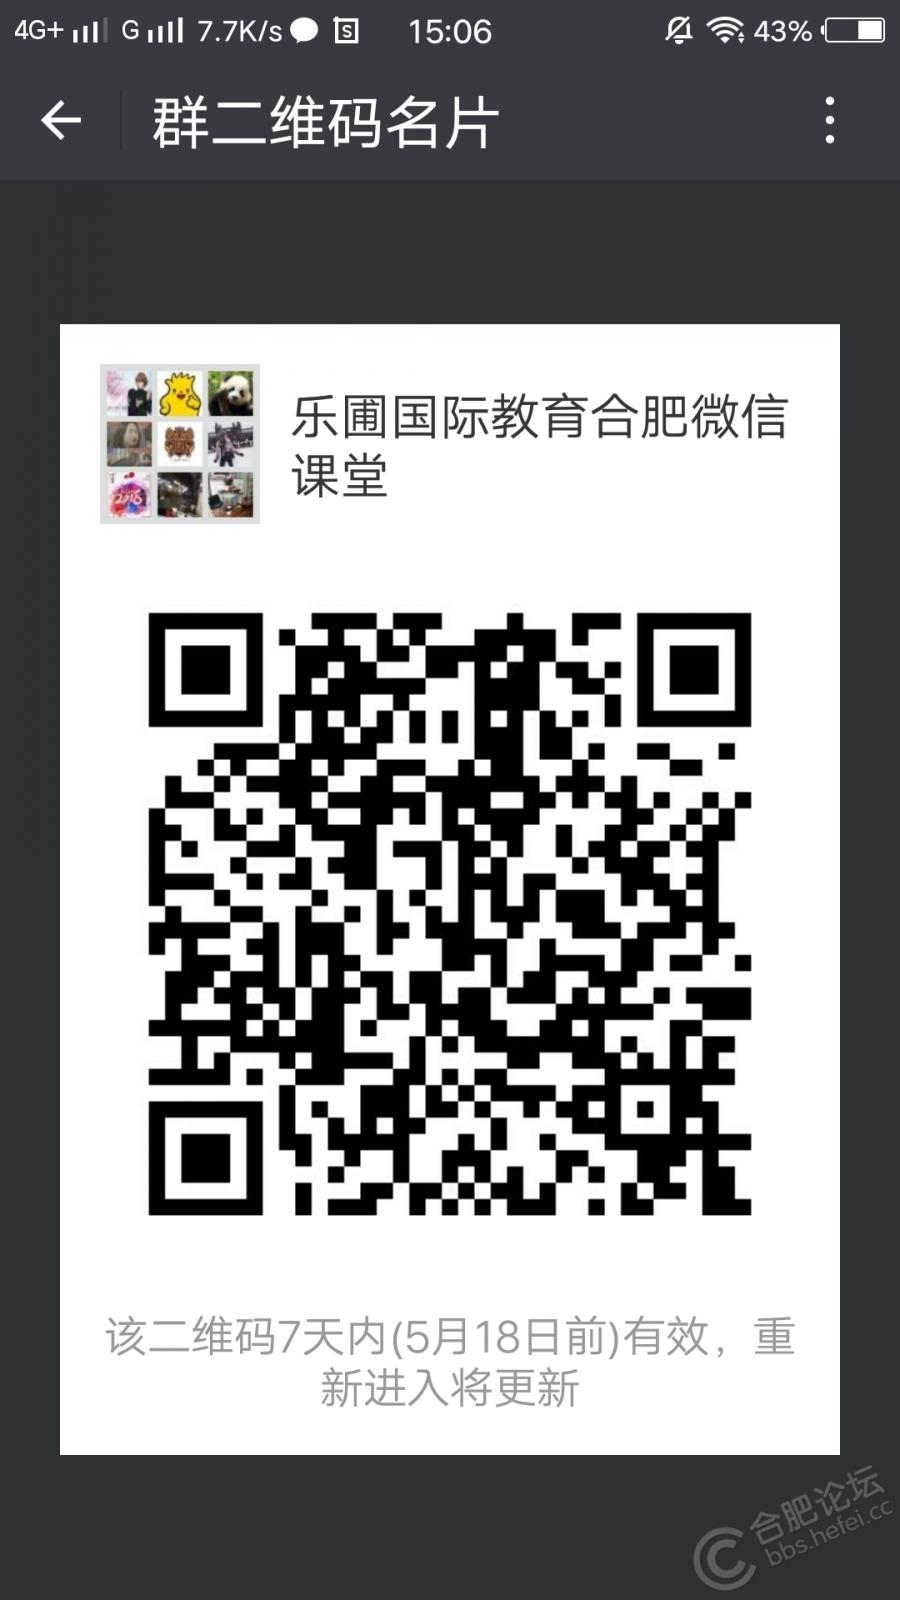 微信图片_20180511150637.jpg